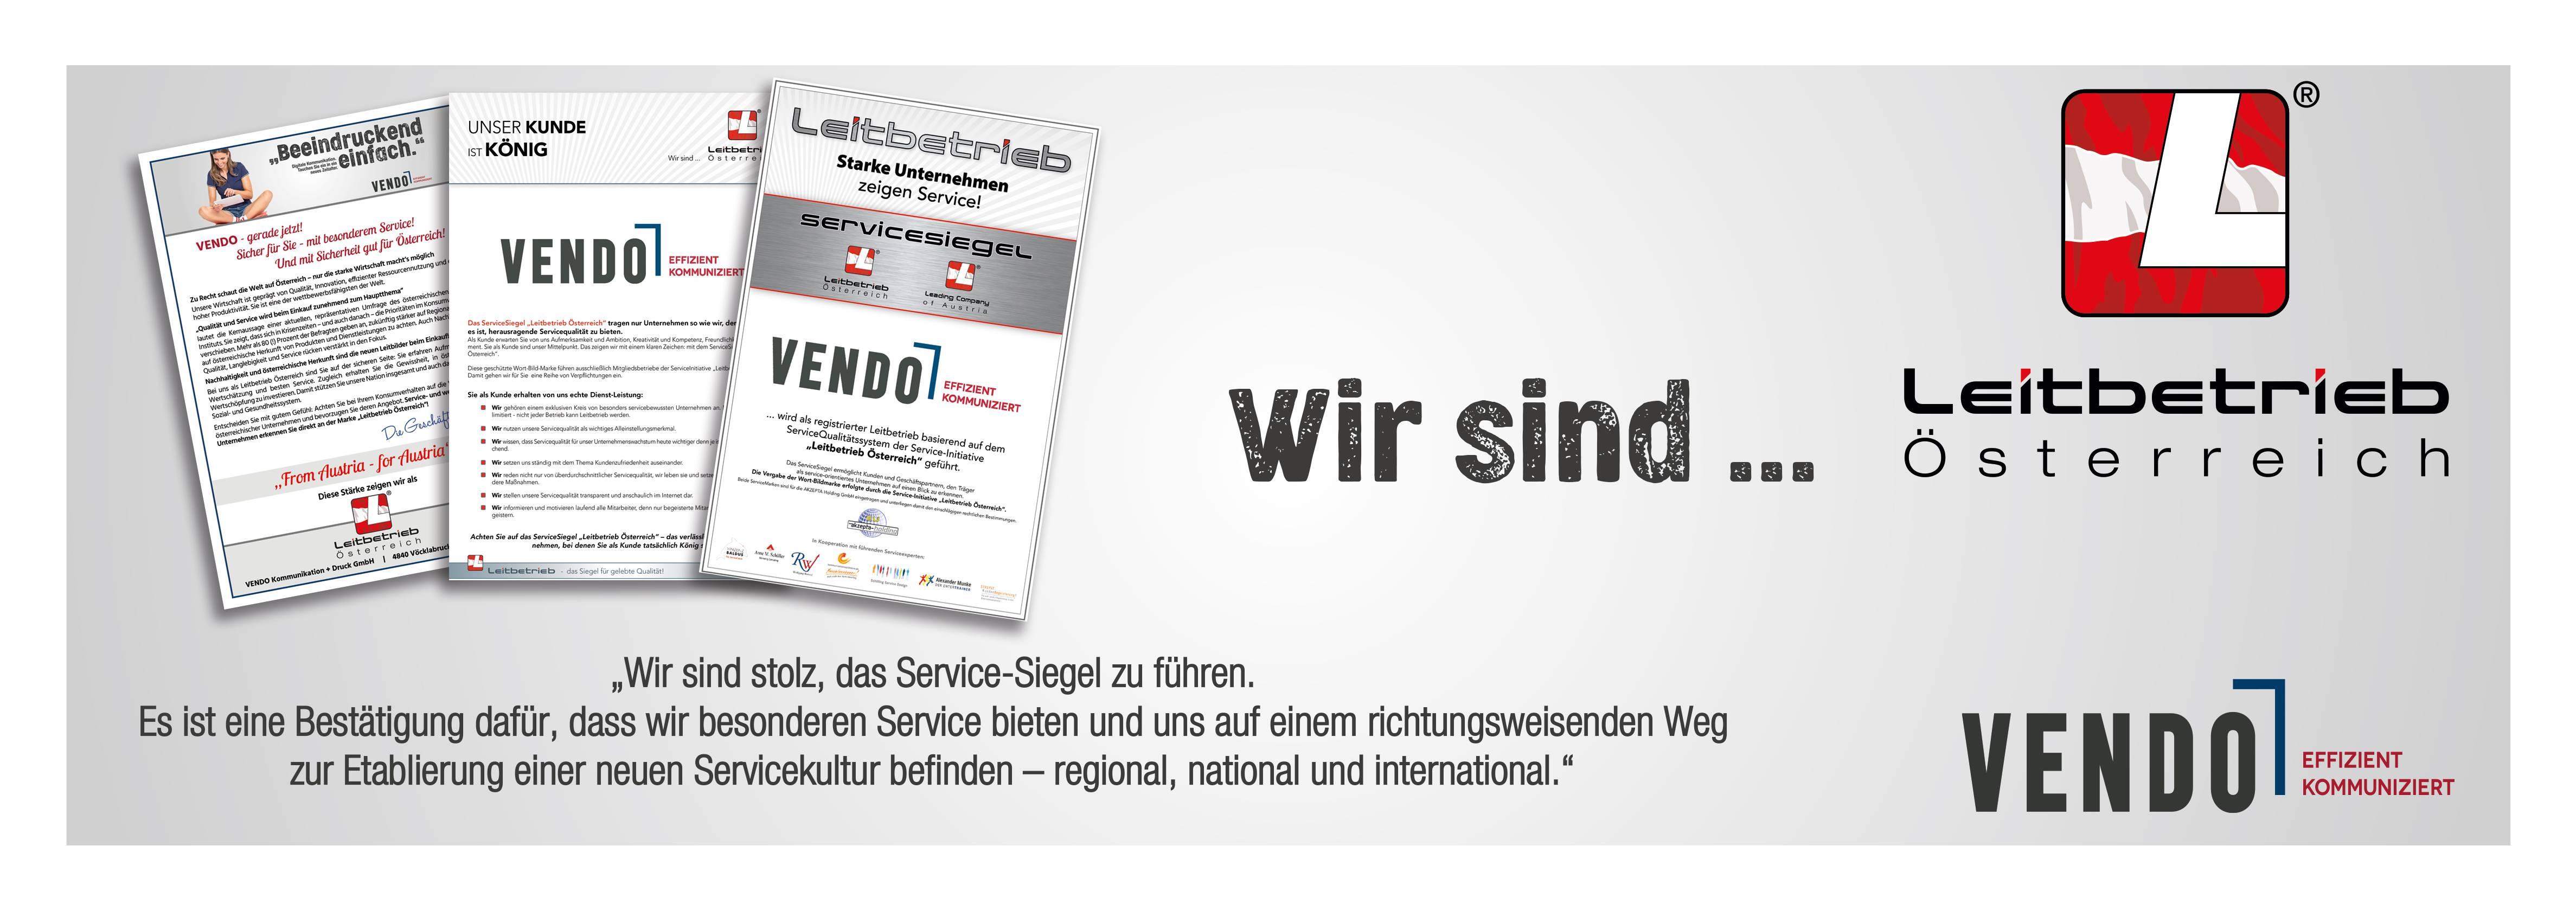 WIR sind Leitbetrieb Österreich